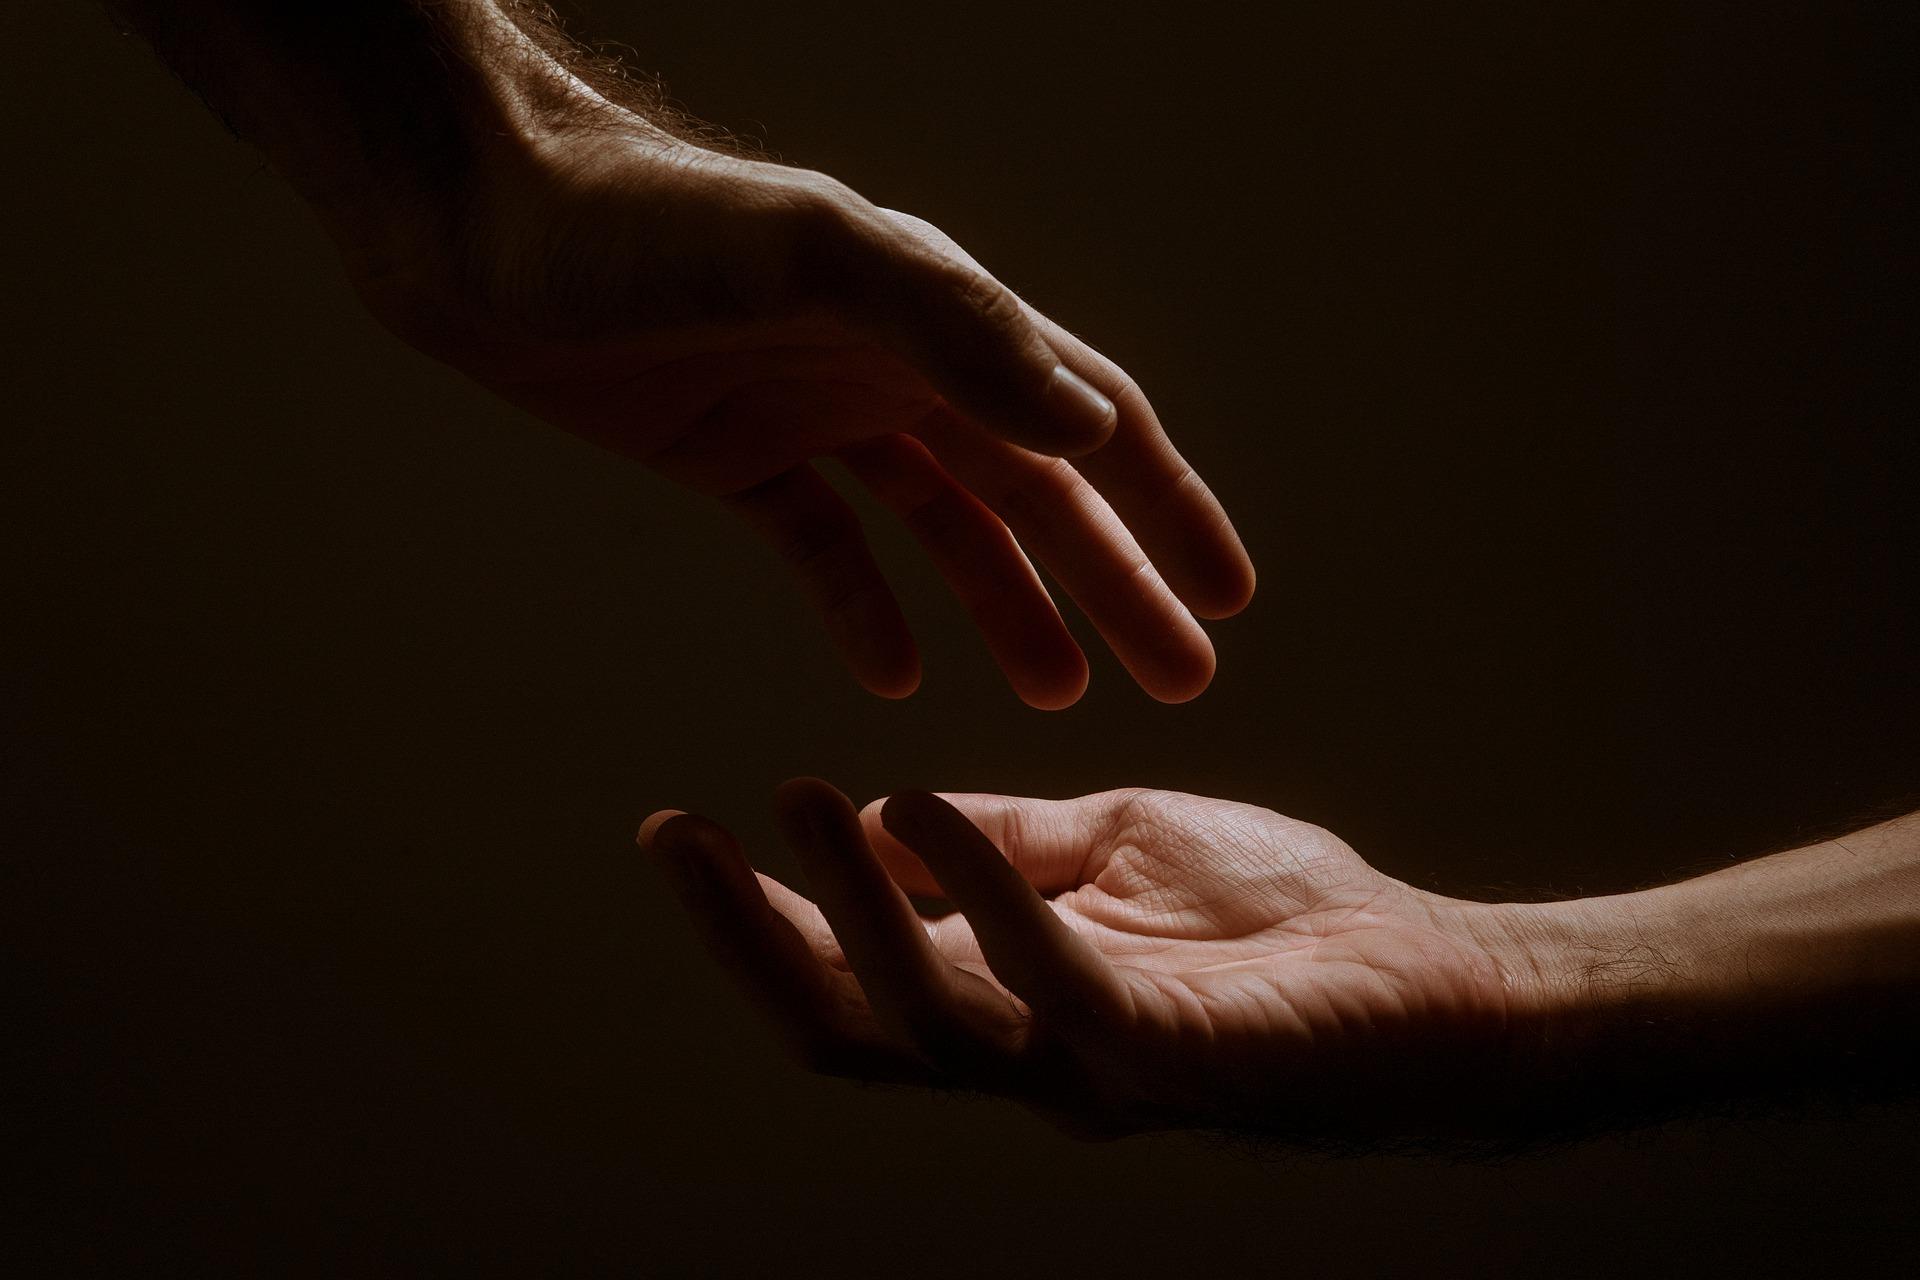 La Terapia focalizzata sulla Compassione